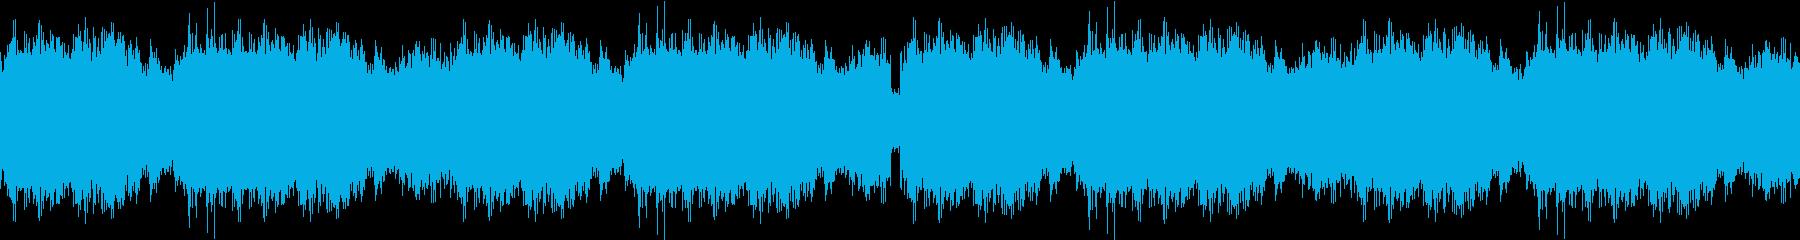 廃墟をイメージしたゲームBGM ループの再生済みの波形